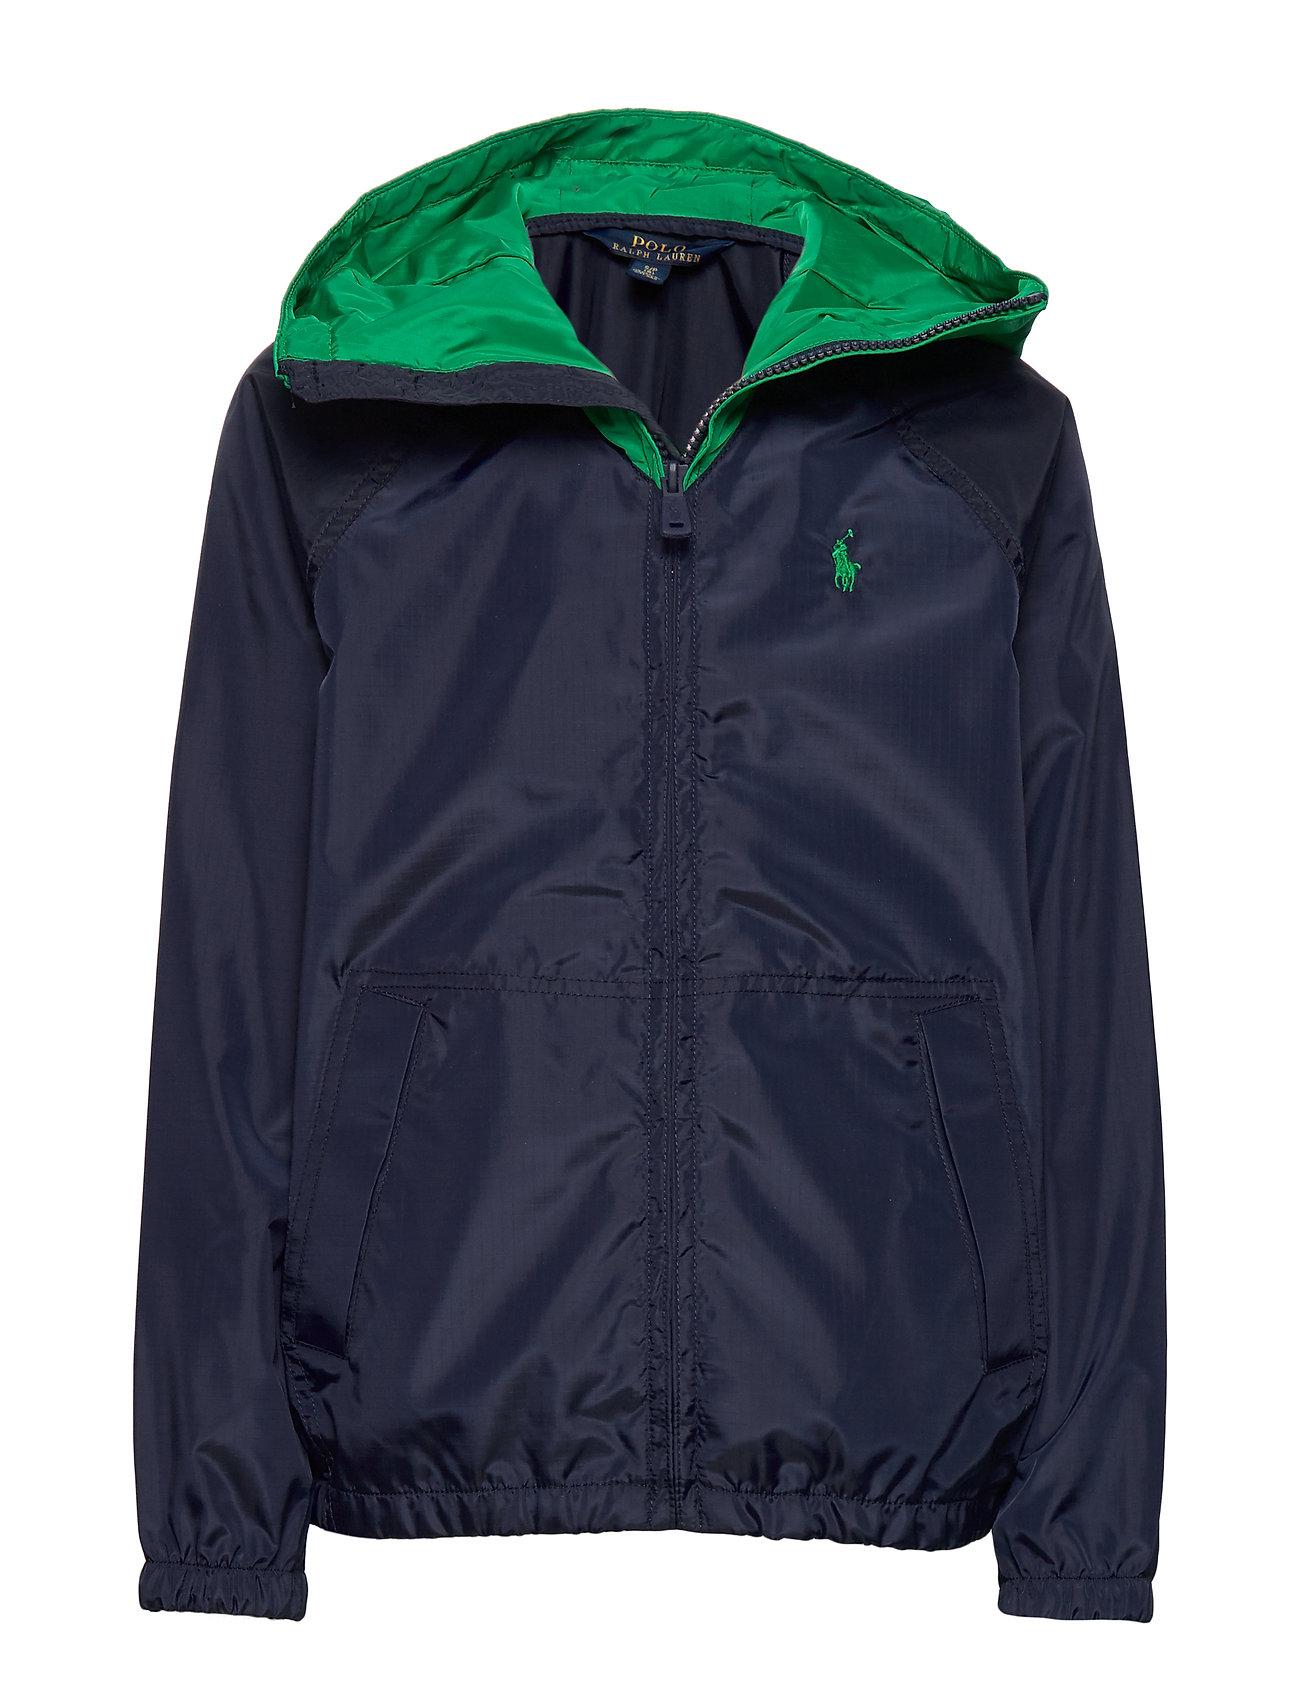 Ralph Lauren Kids Water-Resistant Jacket - NEWPORT NAVY